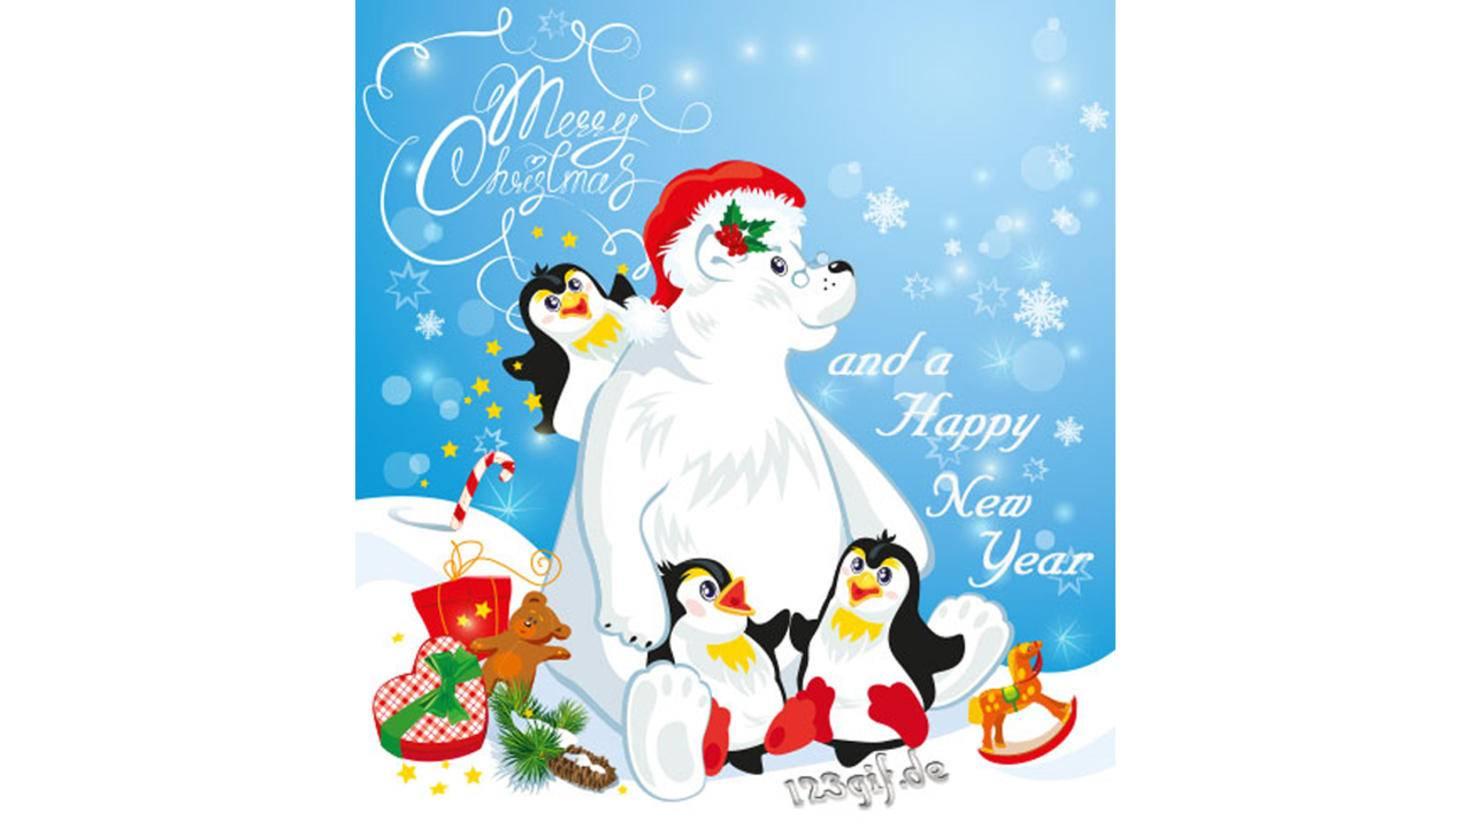 Bilder mit Sprüchen passend zu Weihnachten gibt es im Internet zuhauf.